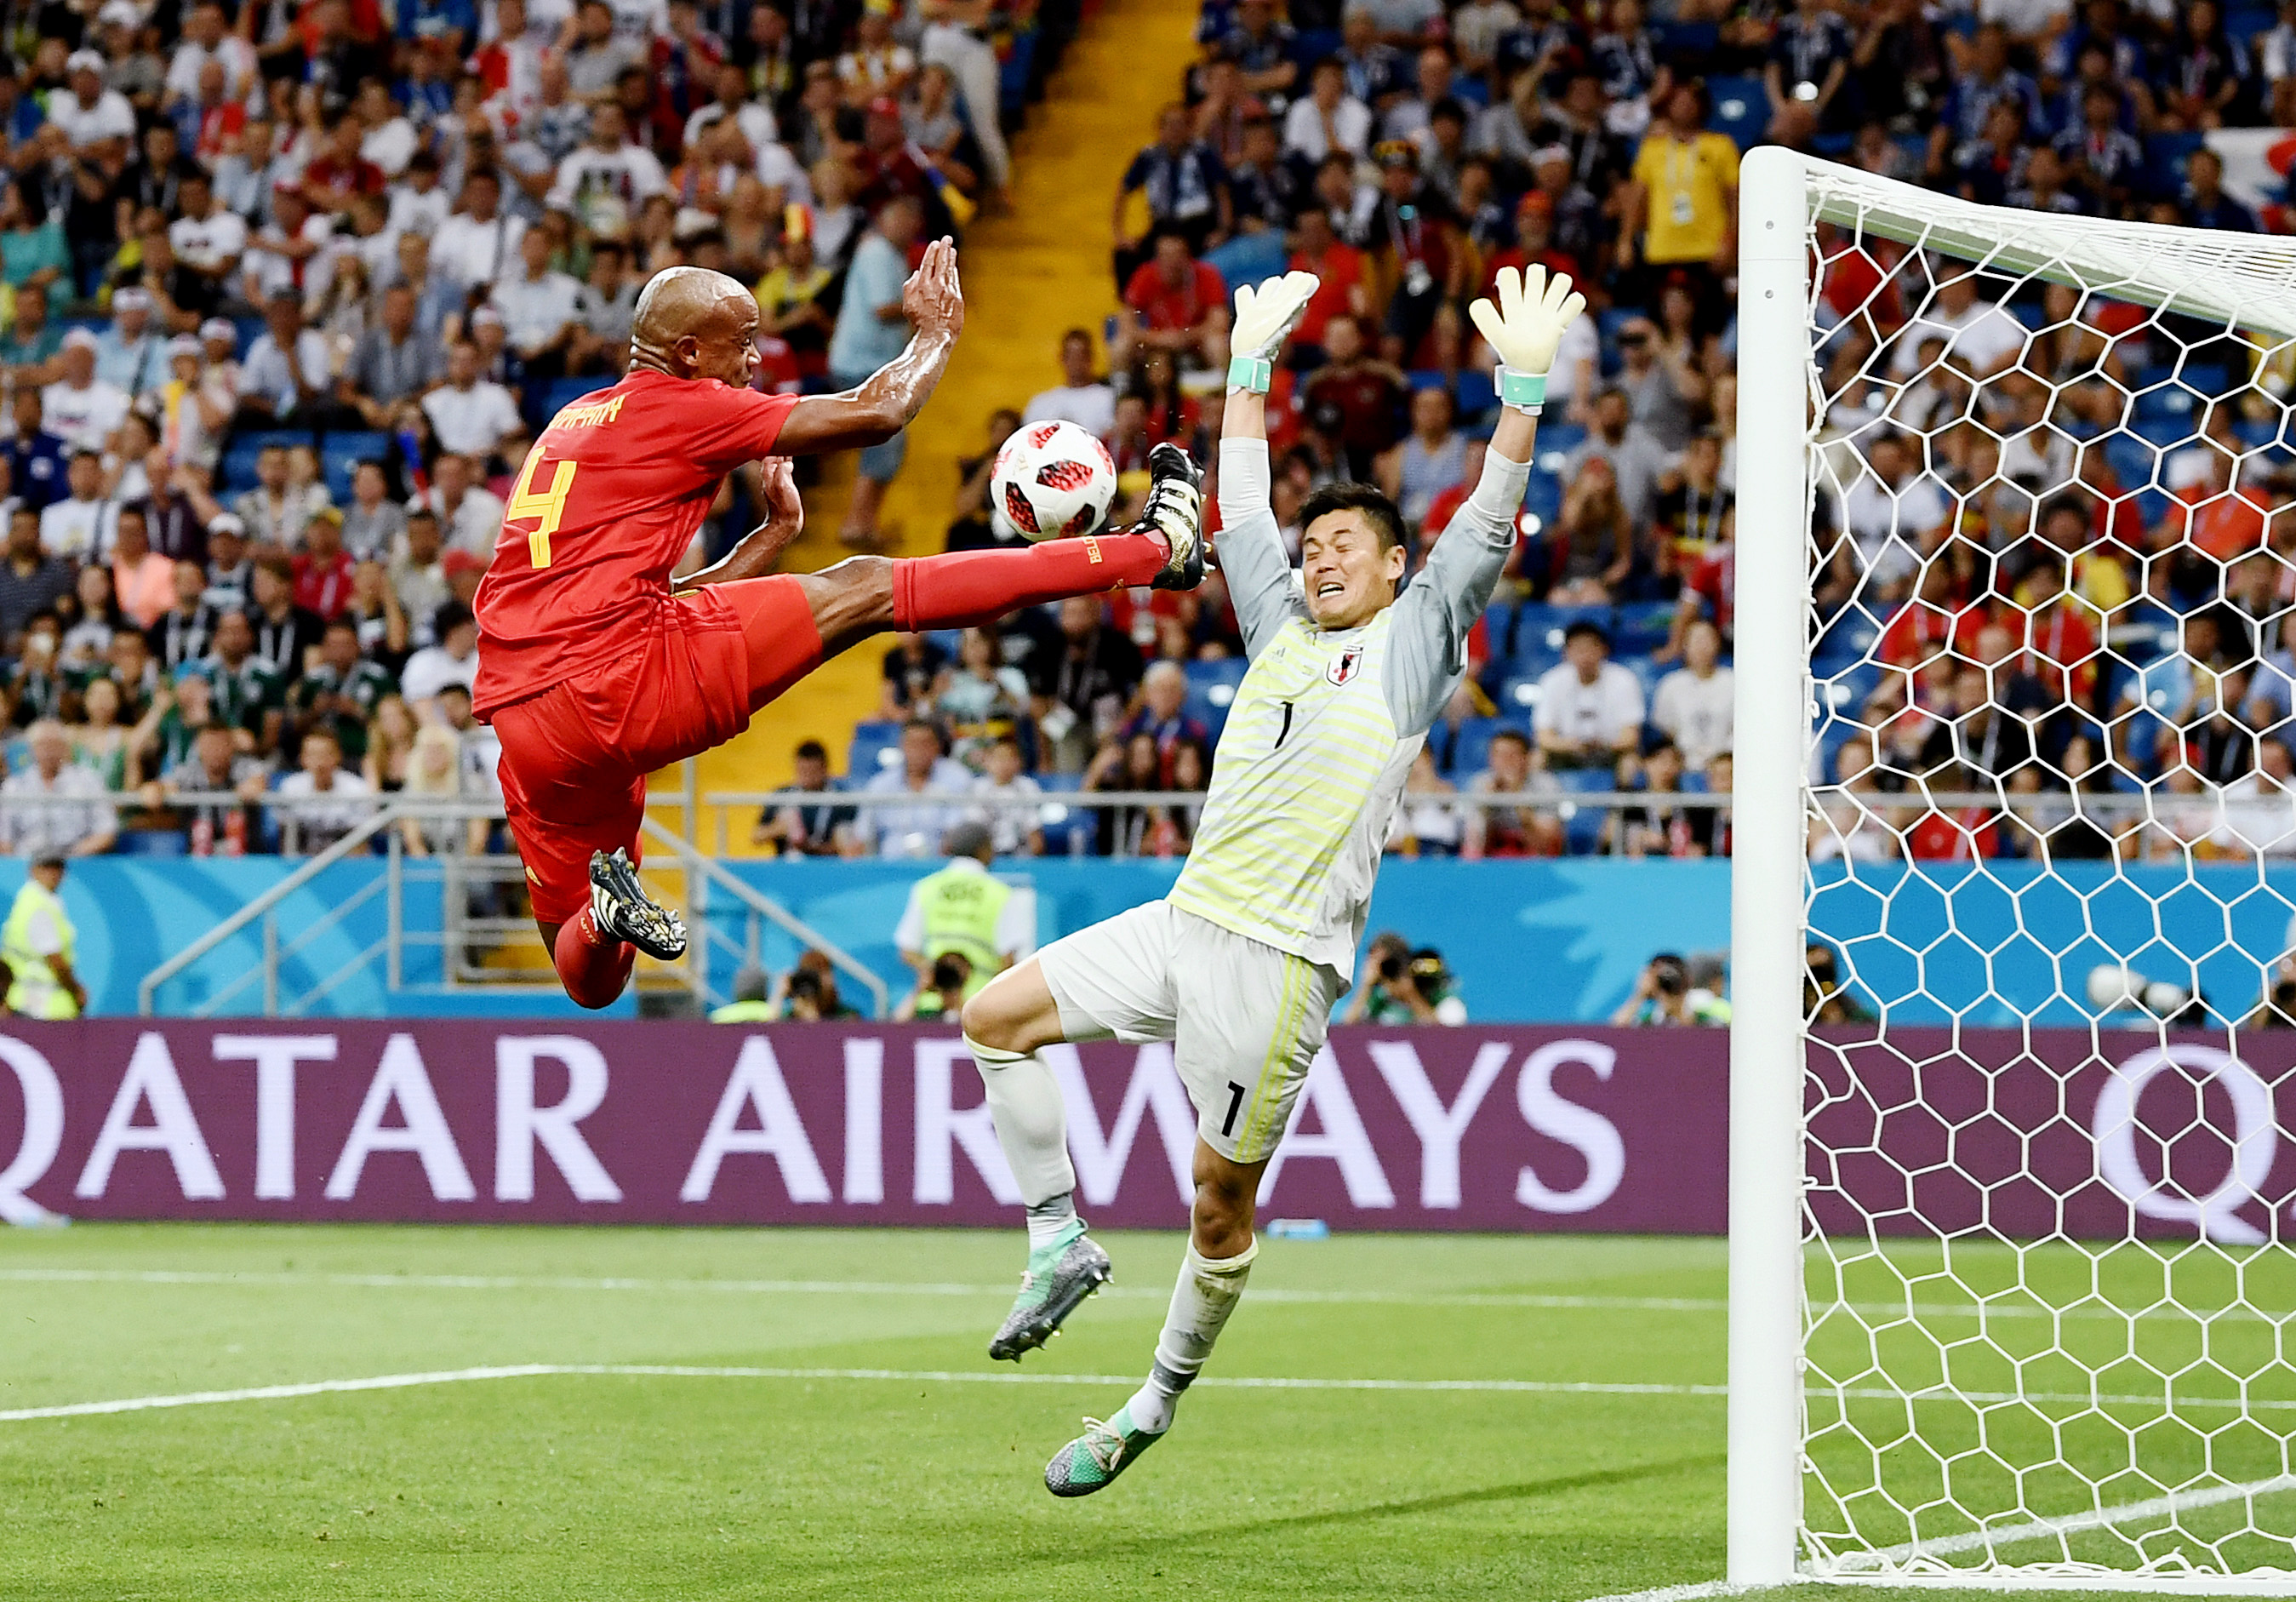 Борьба бельгийца Венсана Компани ивратаря сборной Японии Эйдзи Кавасима вматче 1/8 финала (3:2 впользу Бельгии).